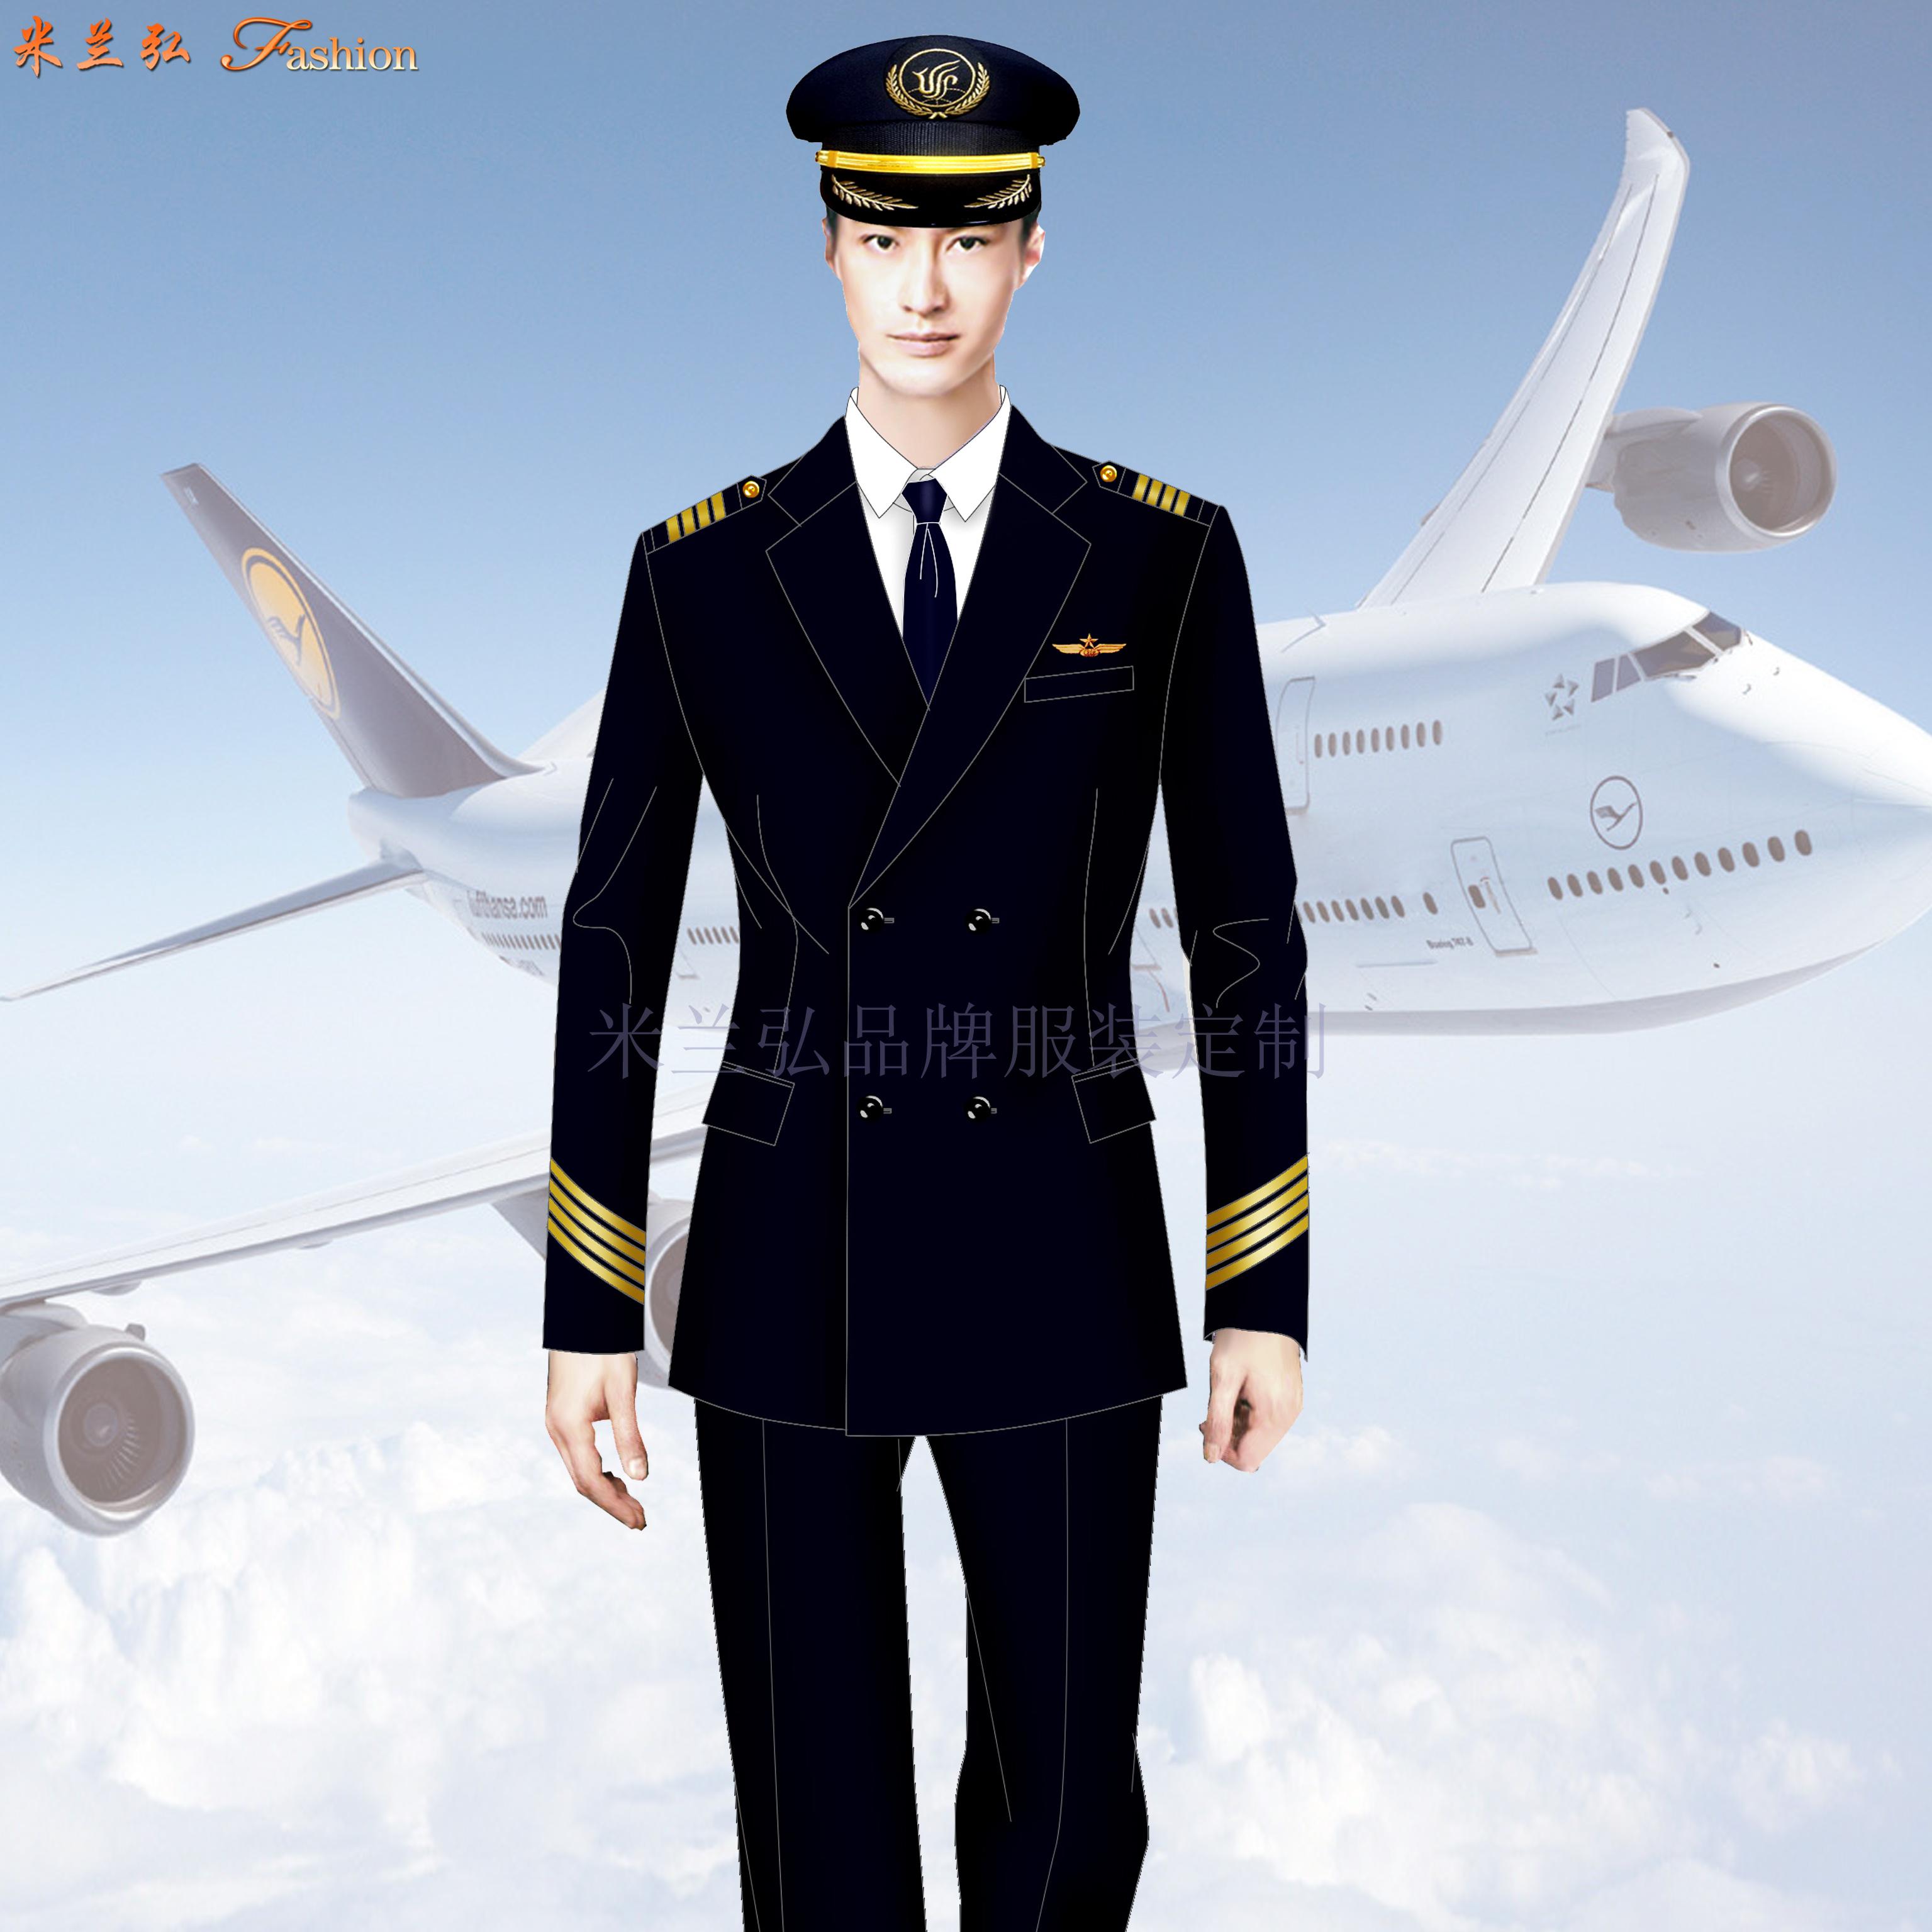 「中國機長」定做航空機長服裝_圖片_公司_價格-米蘭弘服裝-3